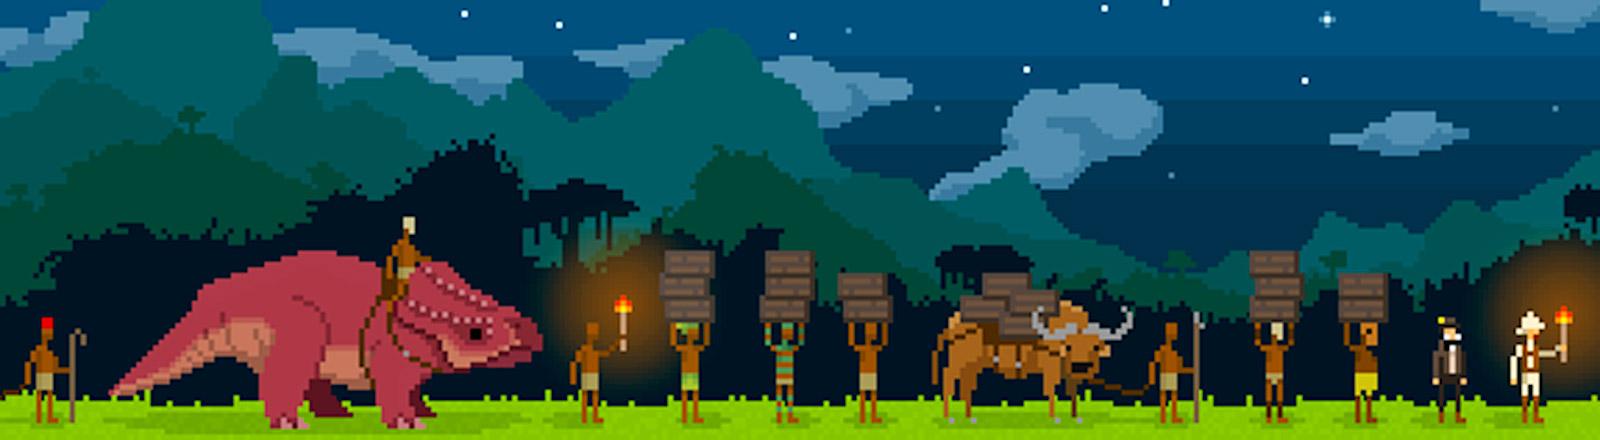 Computerspiel in Pixeloptik. Expeditionkarawane mir Dinosaurier.